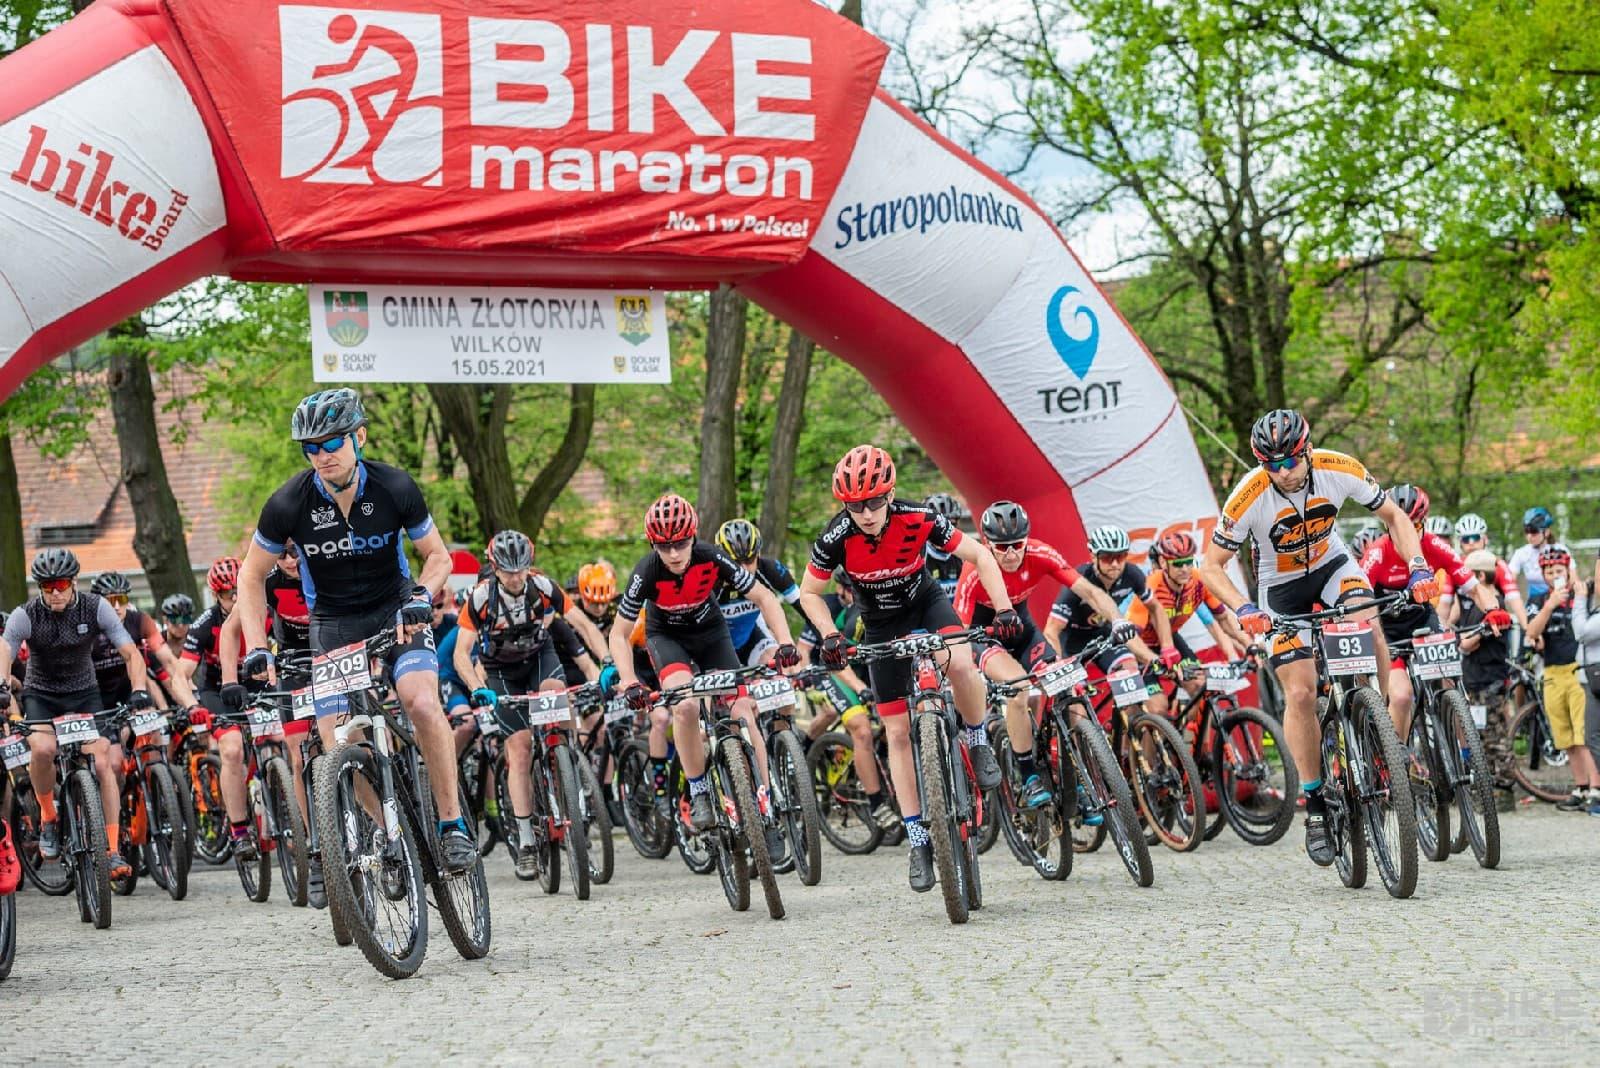 Mocny początek w Złotoryi. Bike Maraton 2021